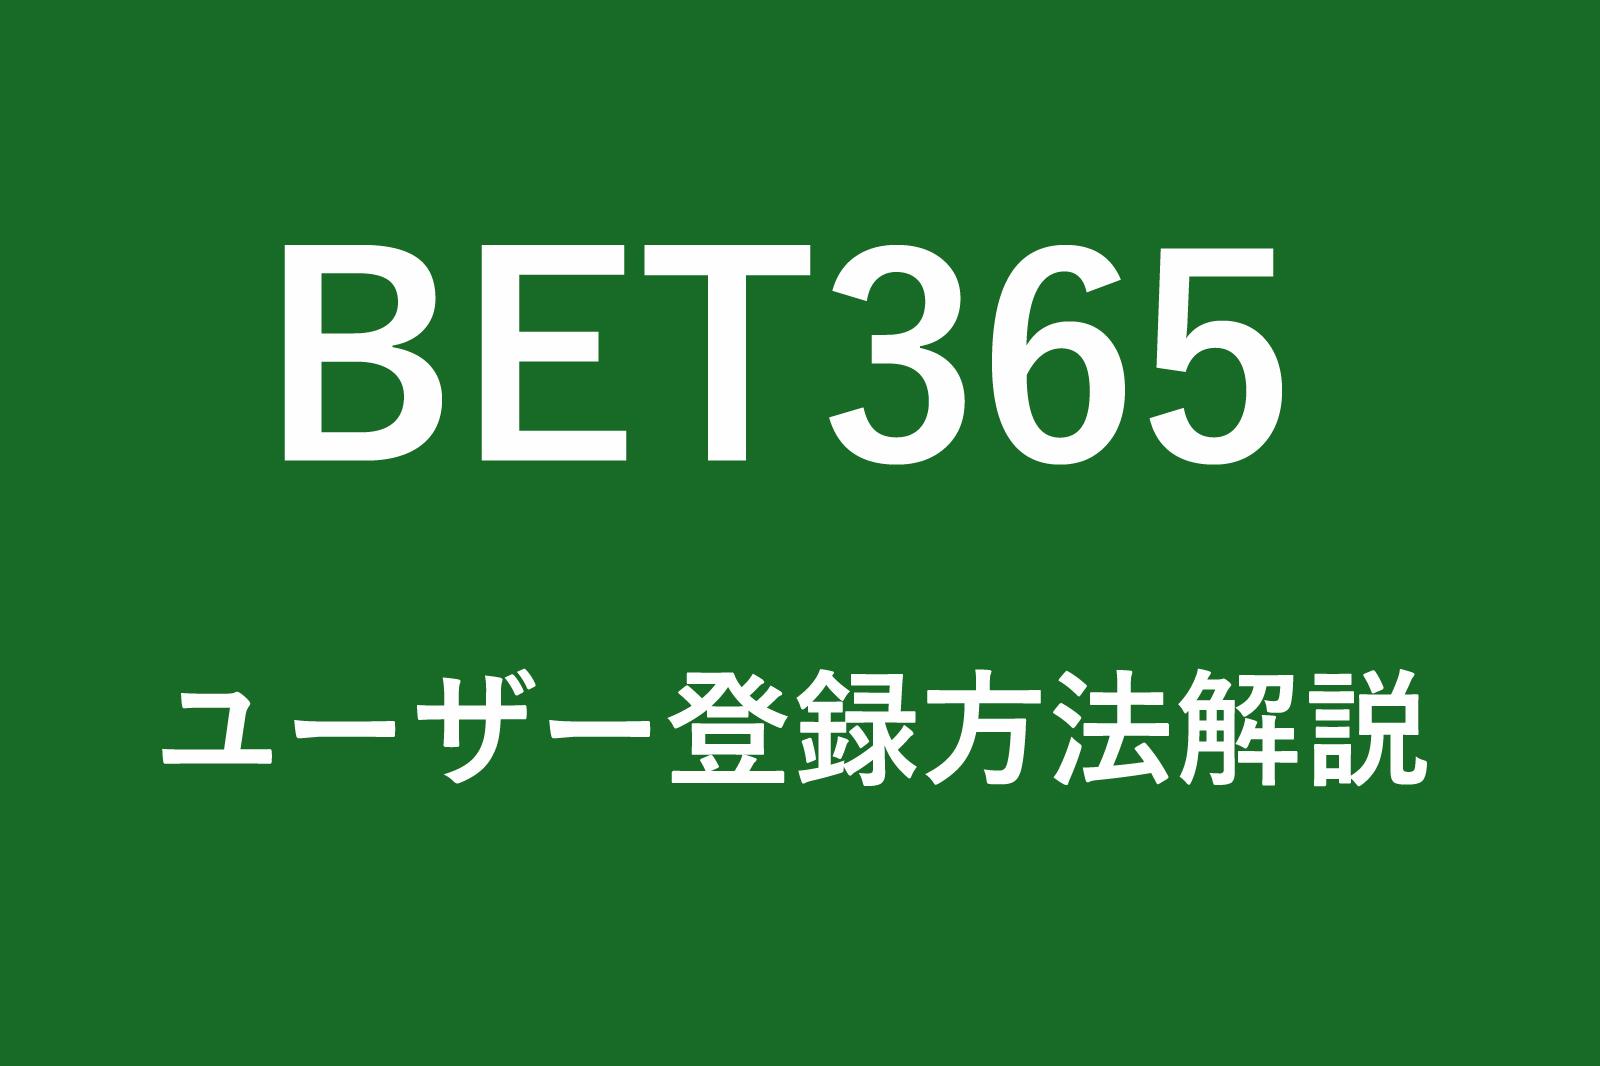 BET365のユーザー登録について